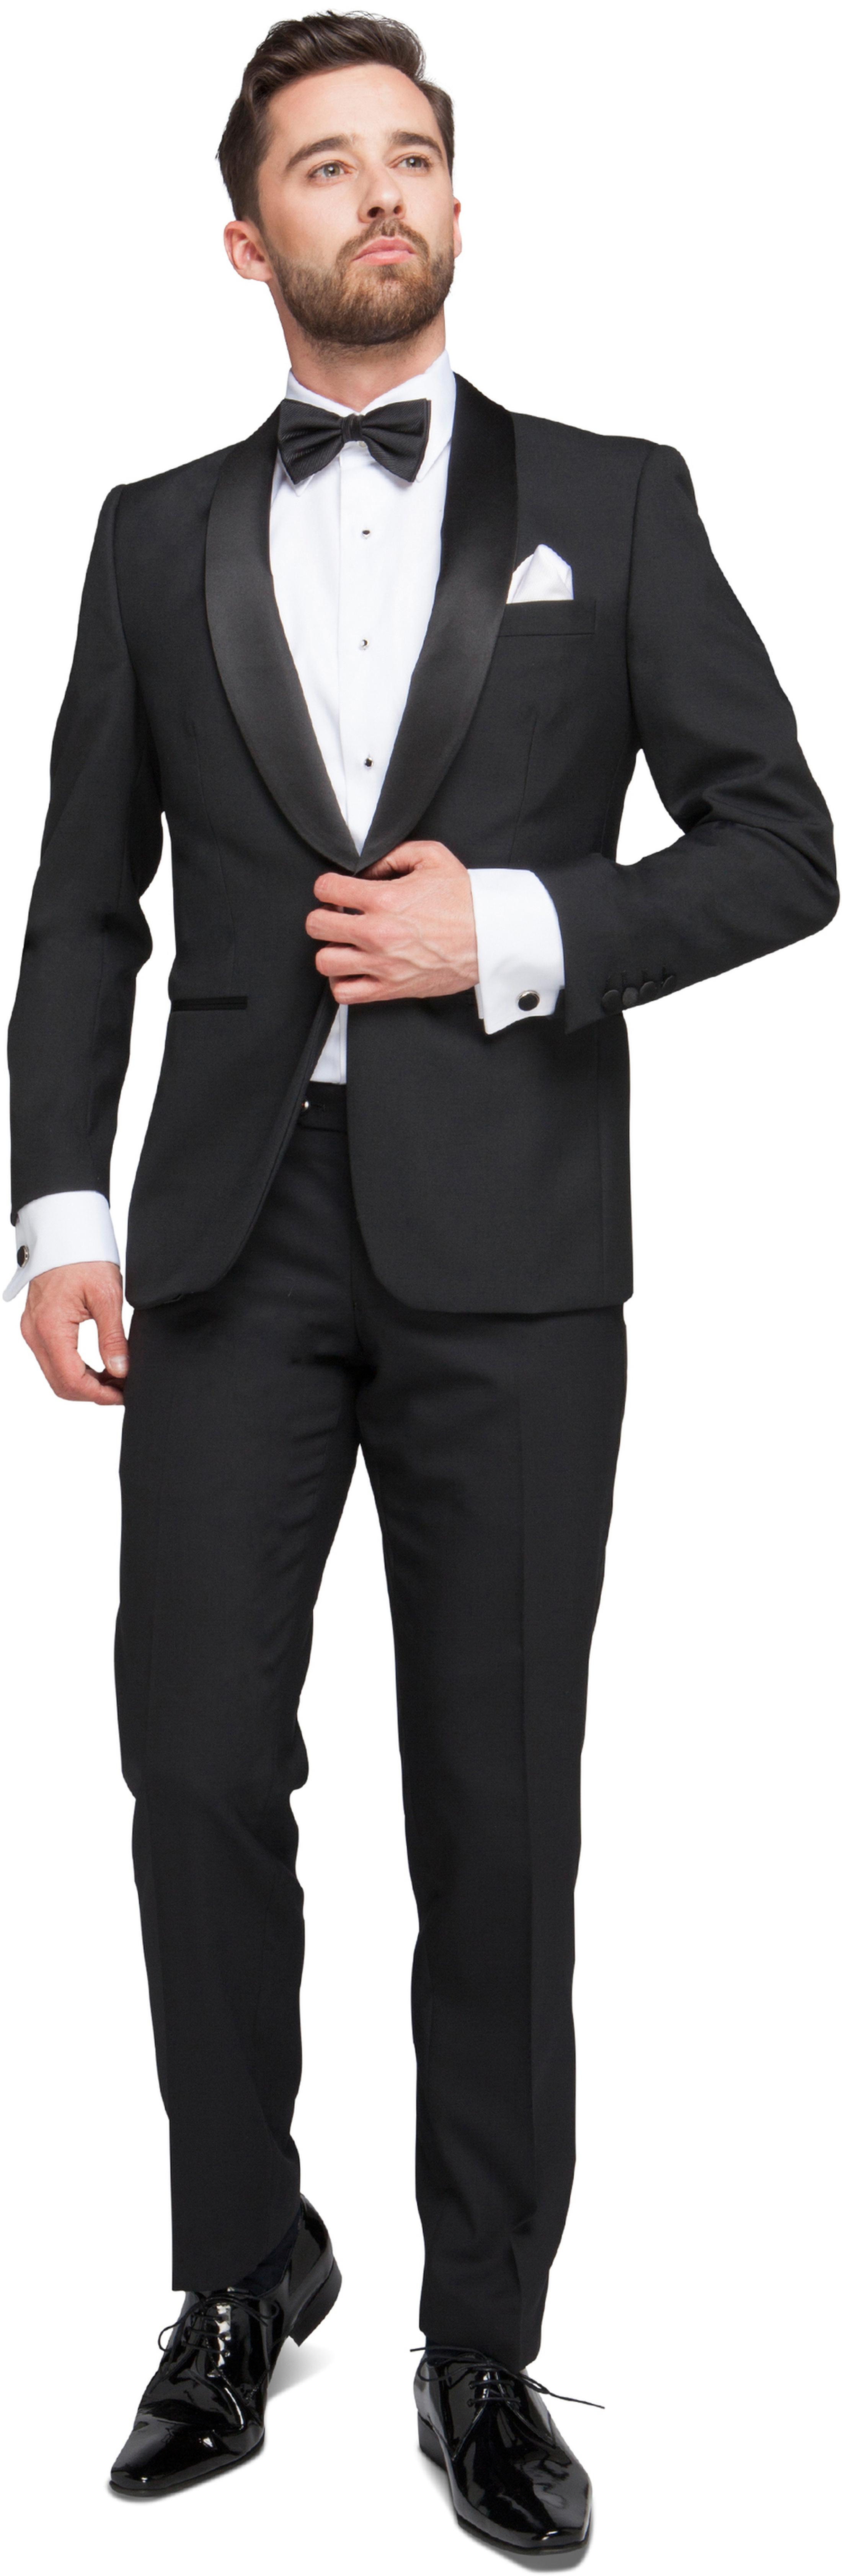 Tuxedo Suit Wool Blend foto 0